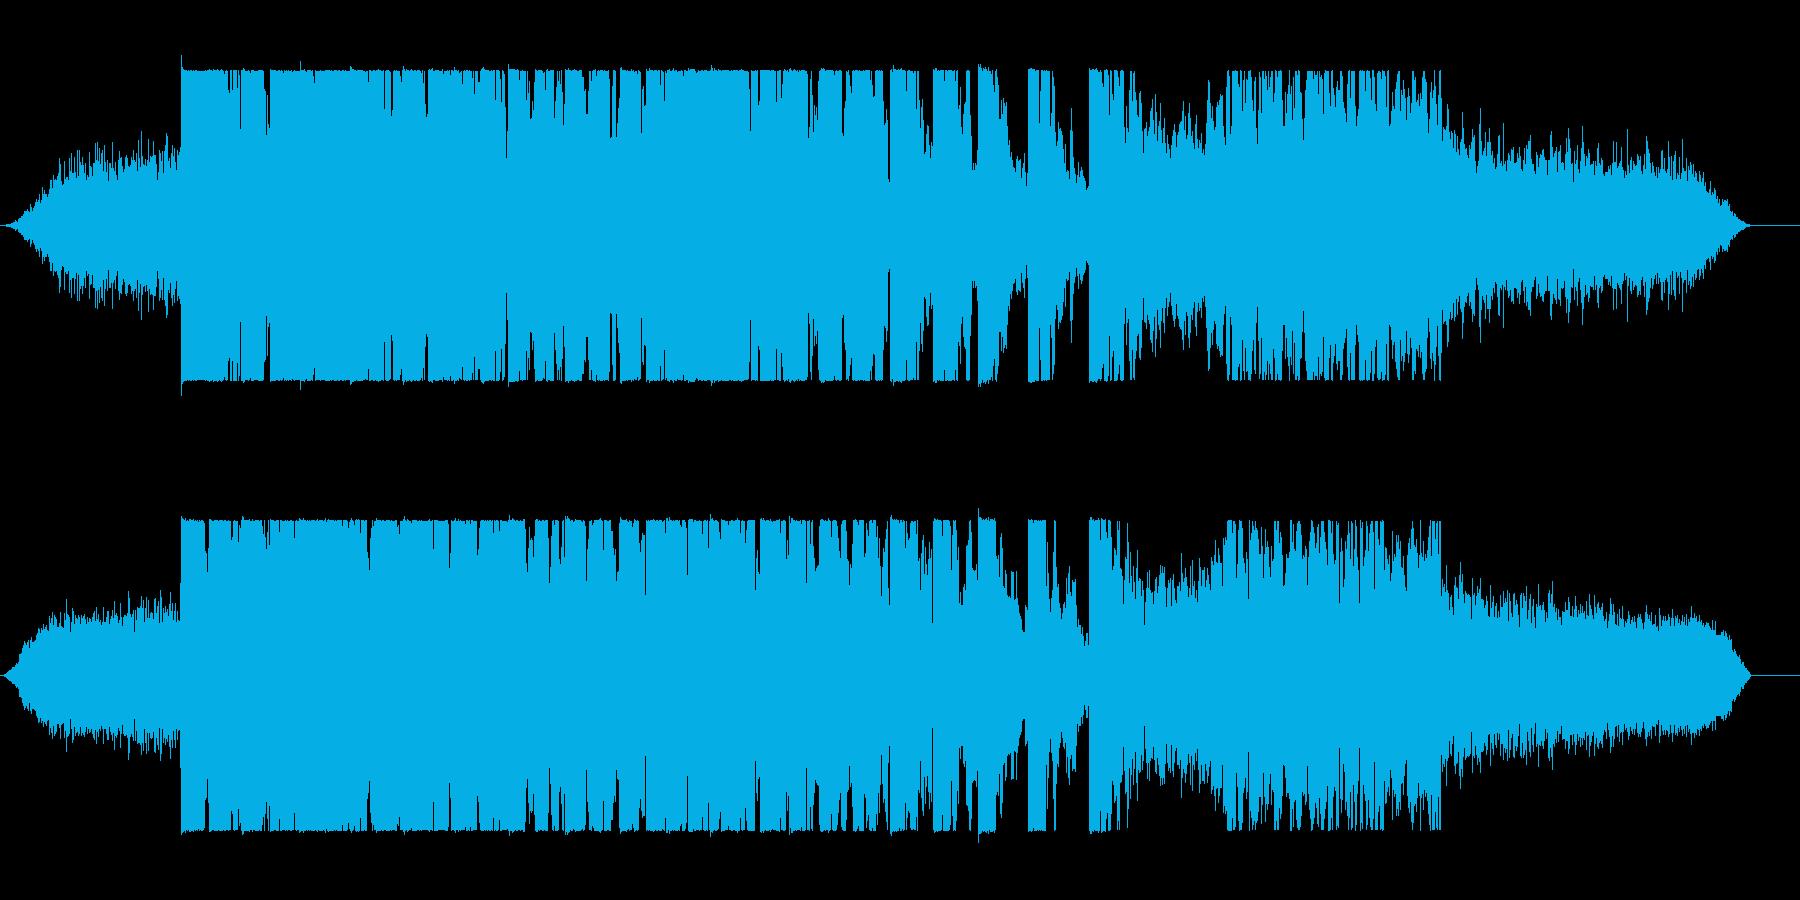 恐怖の再生済みの波形